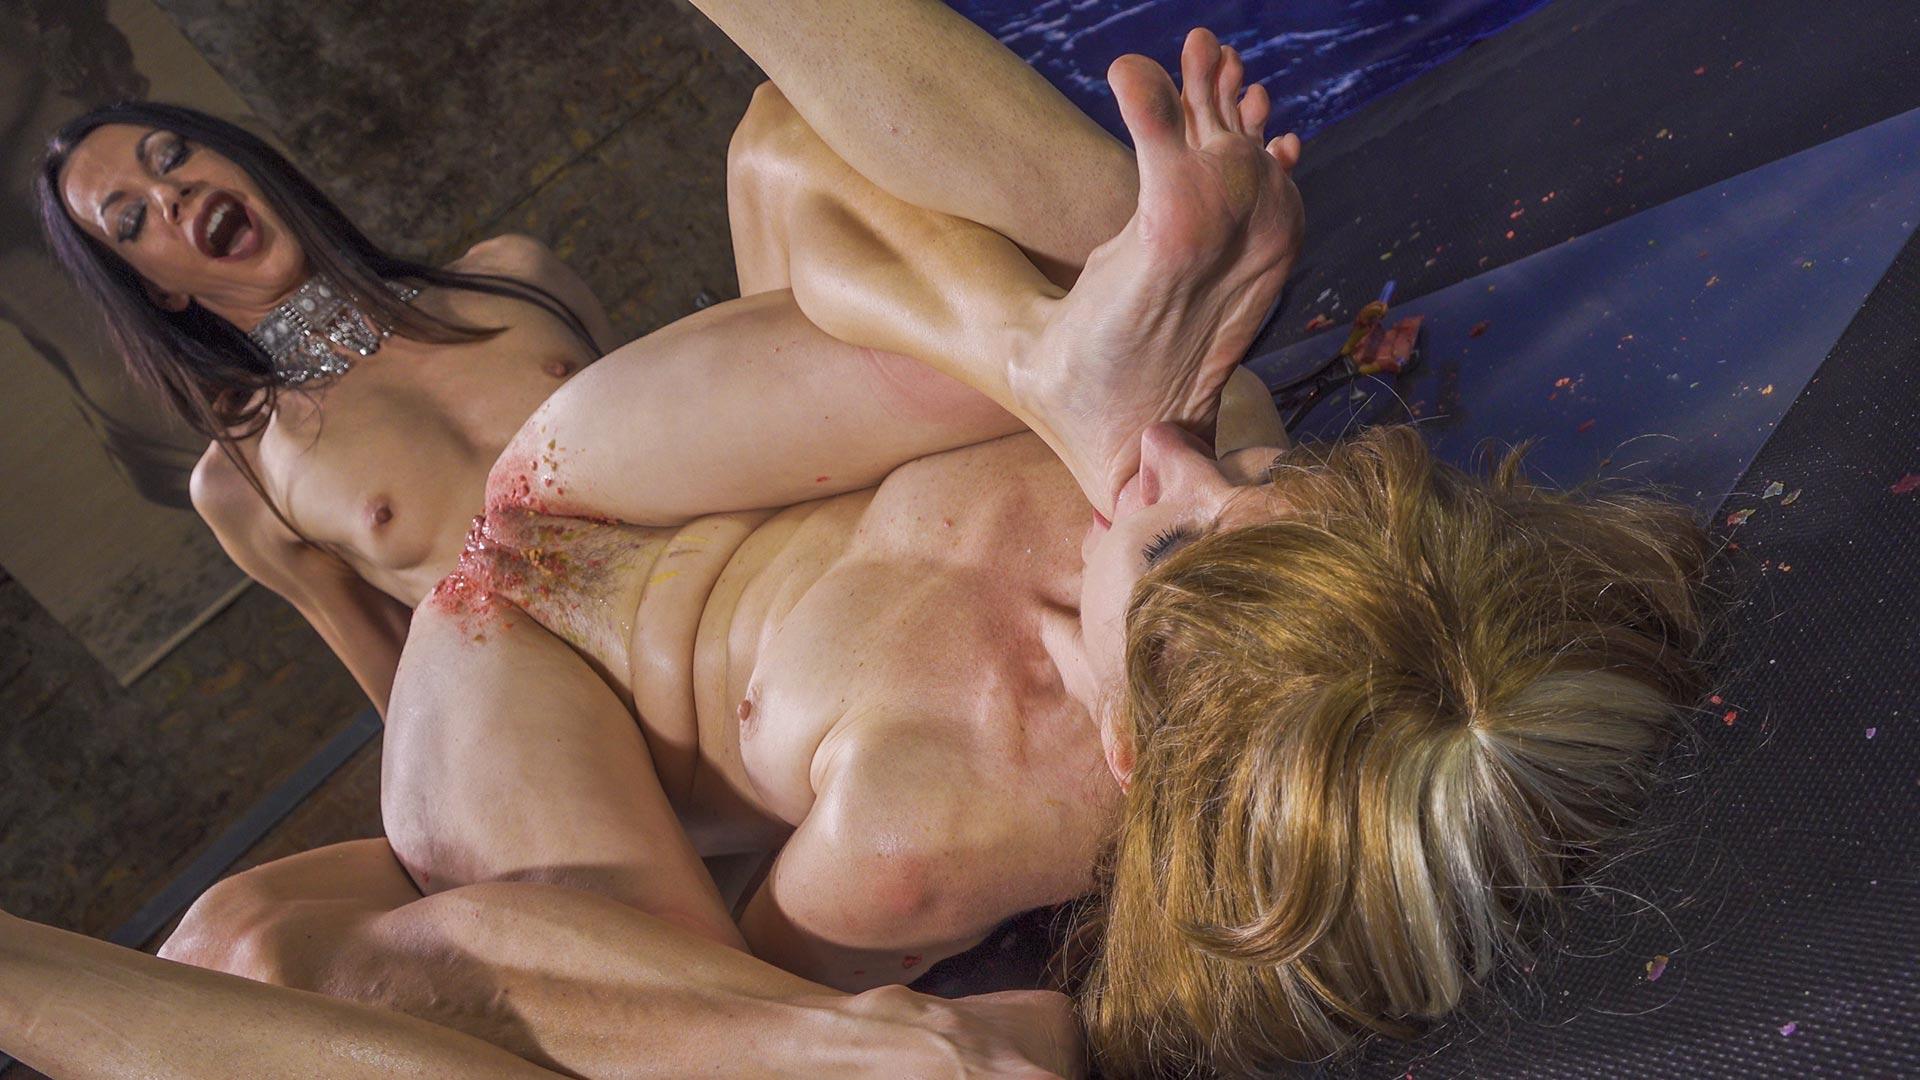 Vendula bednarova lesbian